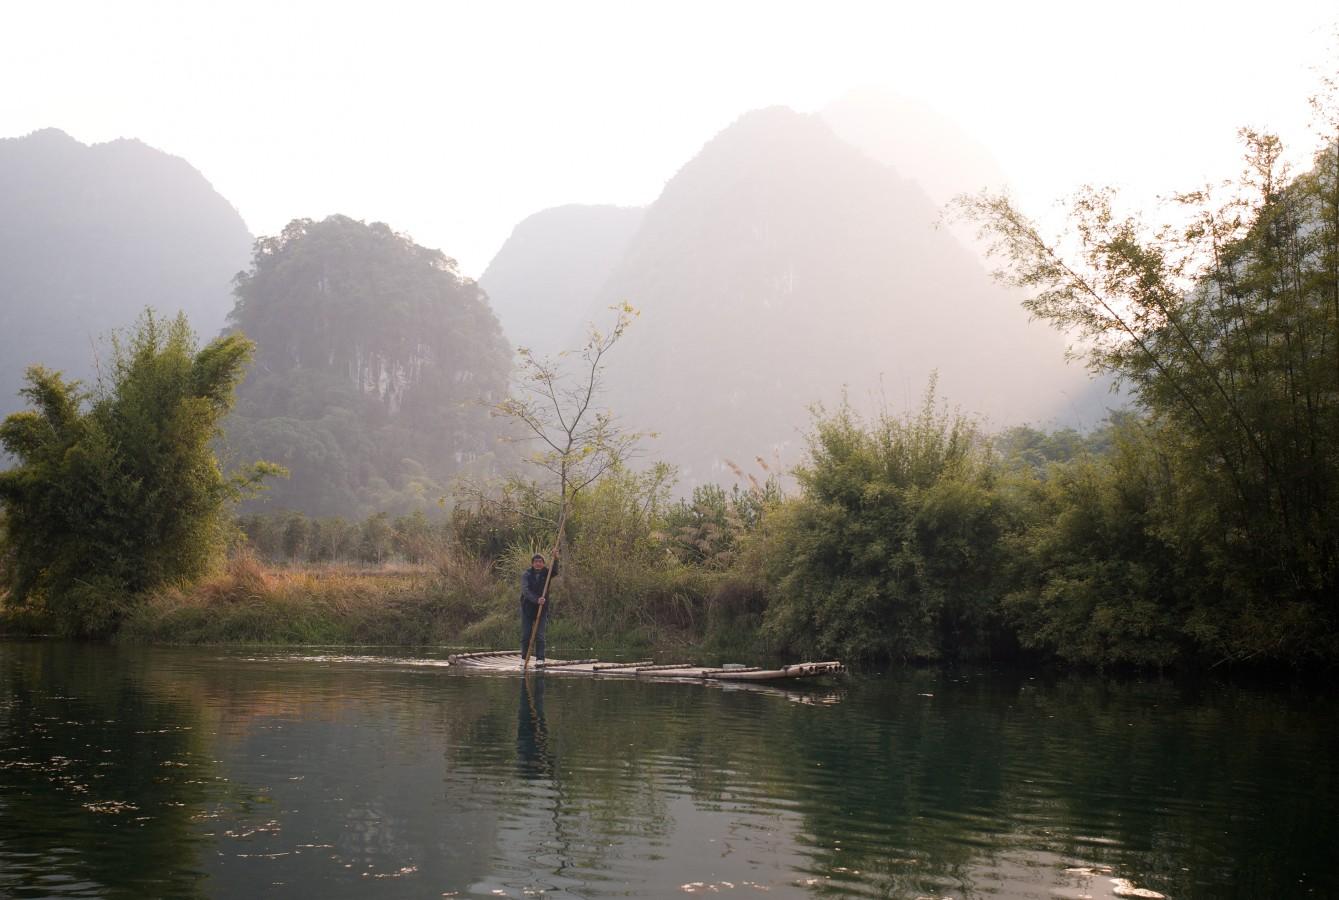 Jinbao river, Guangxi